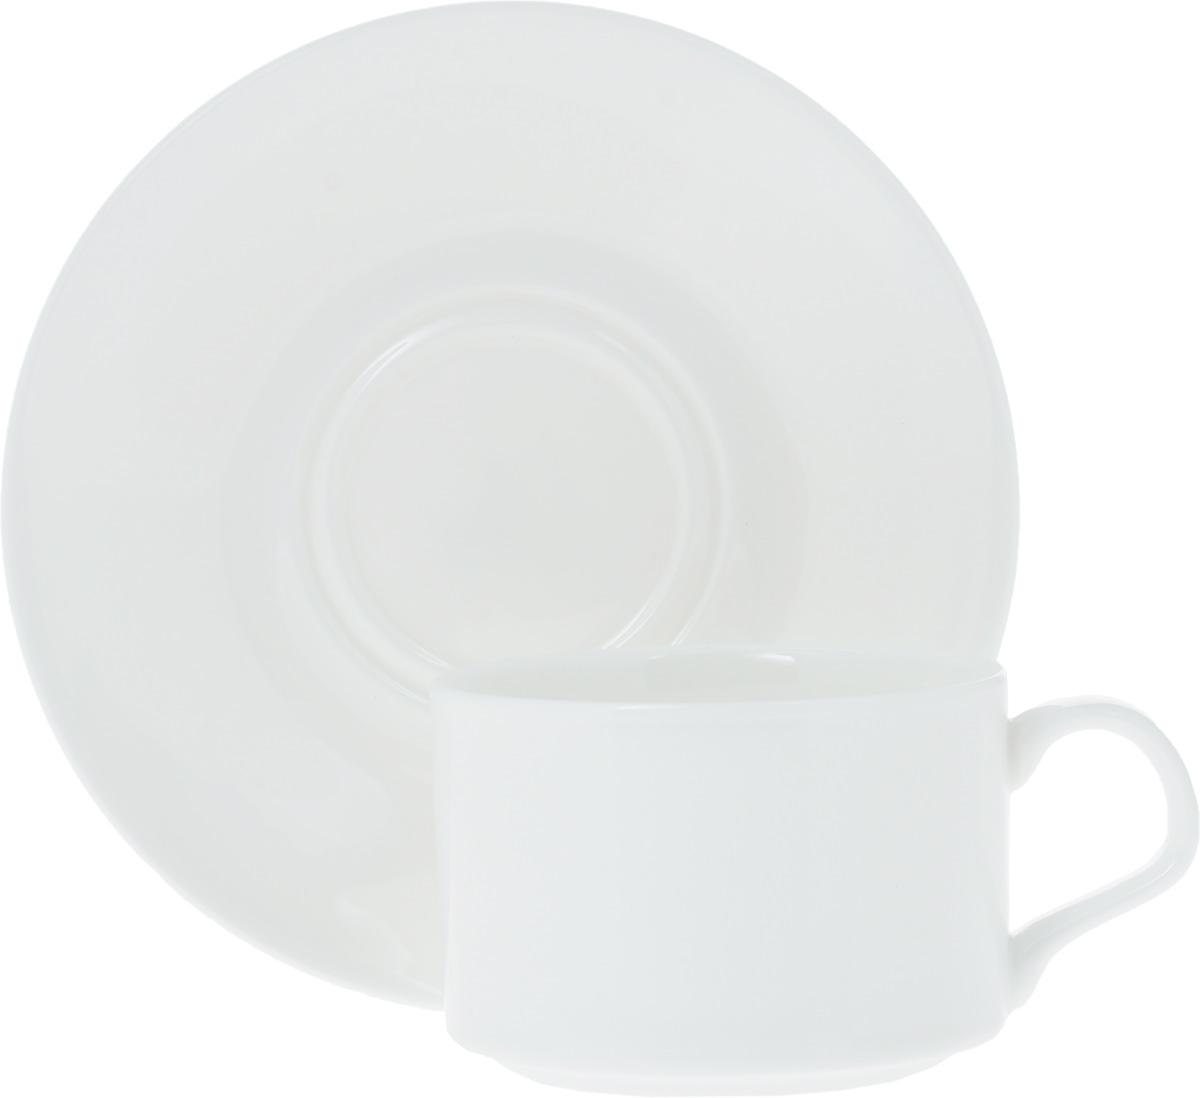 Чайная пара Wilmax, 2 предмета. WL-993006 / ABWL-993006 / ABЧайная пара Wilmax состоит из чашки и блюдца. Изделия выполнены из высококачественного фарфора, покрытого слоем глазури. Изделия имеют лаконичный дизайн, просты и функциональны в использовании. Чайная пара Wilmax украсит ваш кухонный стол, а также станет замечательным подарком к любому празднику. Изделия можно мыть в посудомоечной машине и ставить в микроволновую печь. Объем чашки: 160 мл. Диаметр чашки (по верхнему краю): 7,5 см. Высота чашки: 5 см. Диаметр блюдца: 14 см.